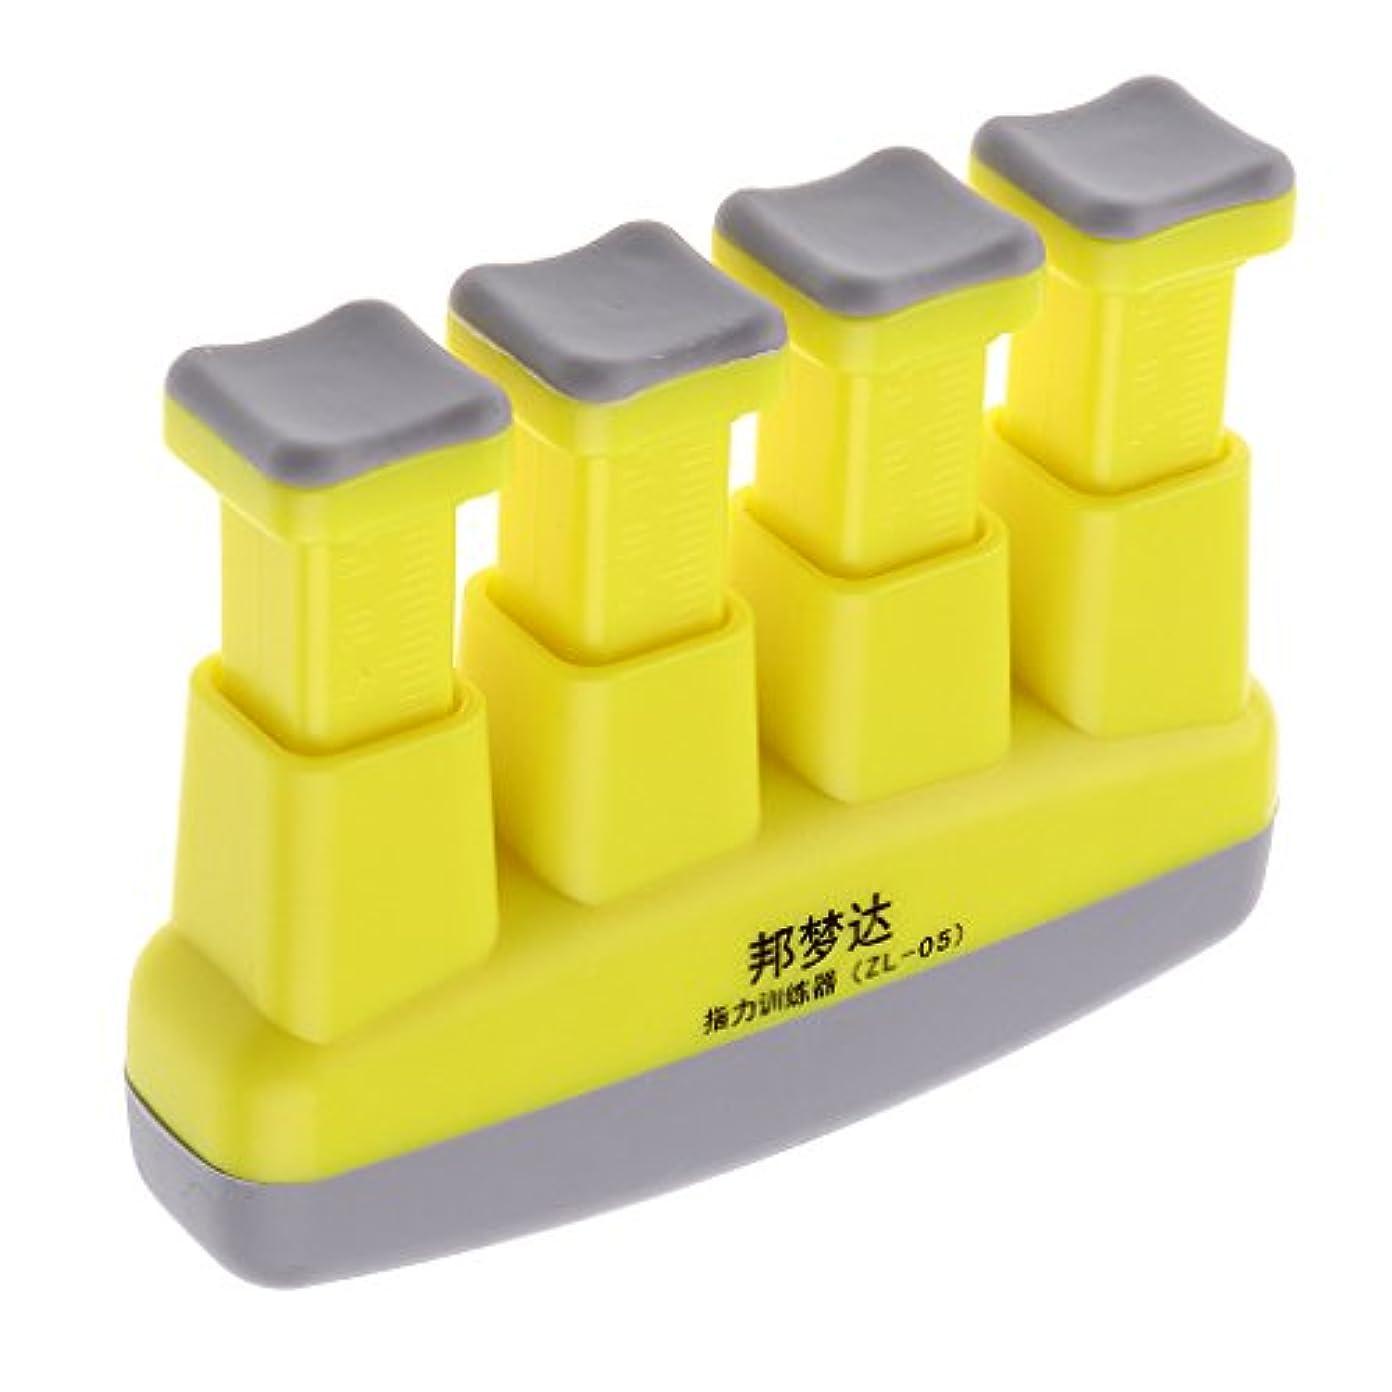 少しもちろんモールス信号ハンドグリップ エクササイザ 4-6ポンド 調節可 ハンド 手首 腕 グリップ グリッパー 黄色 ABS +シリコン